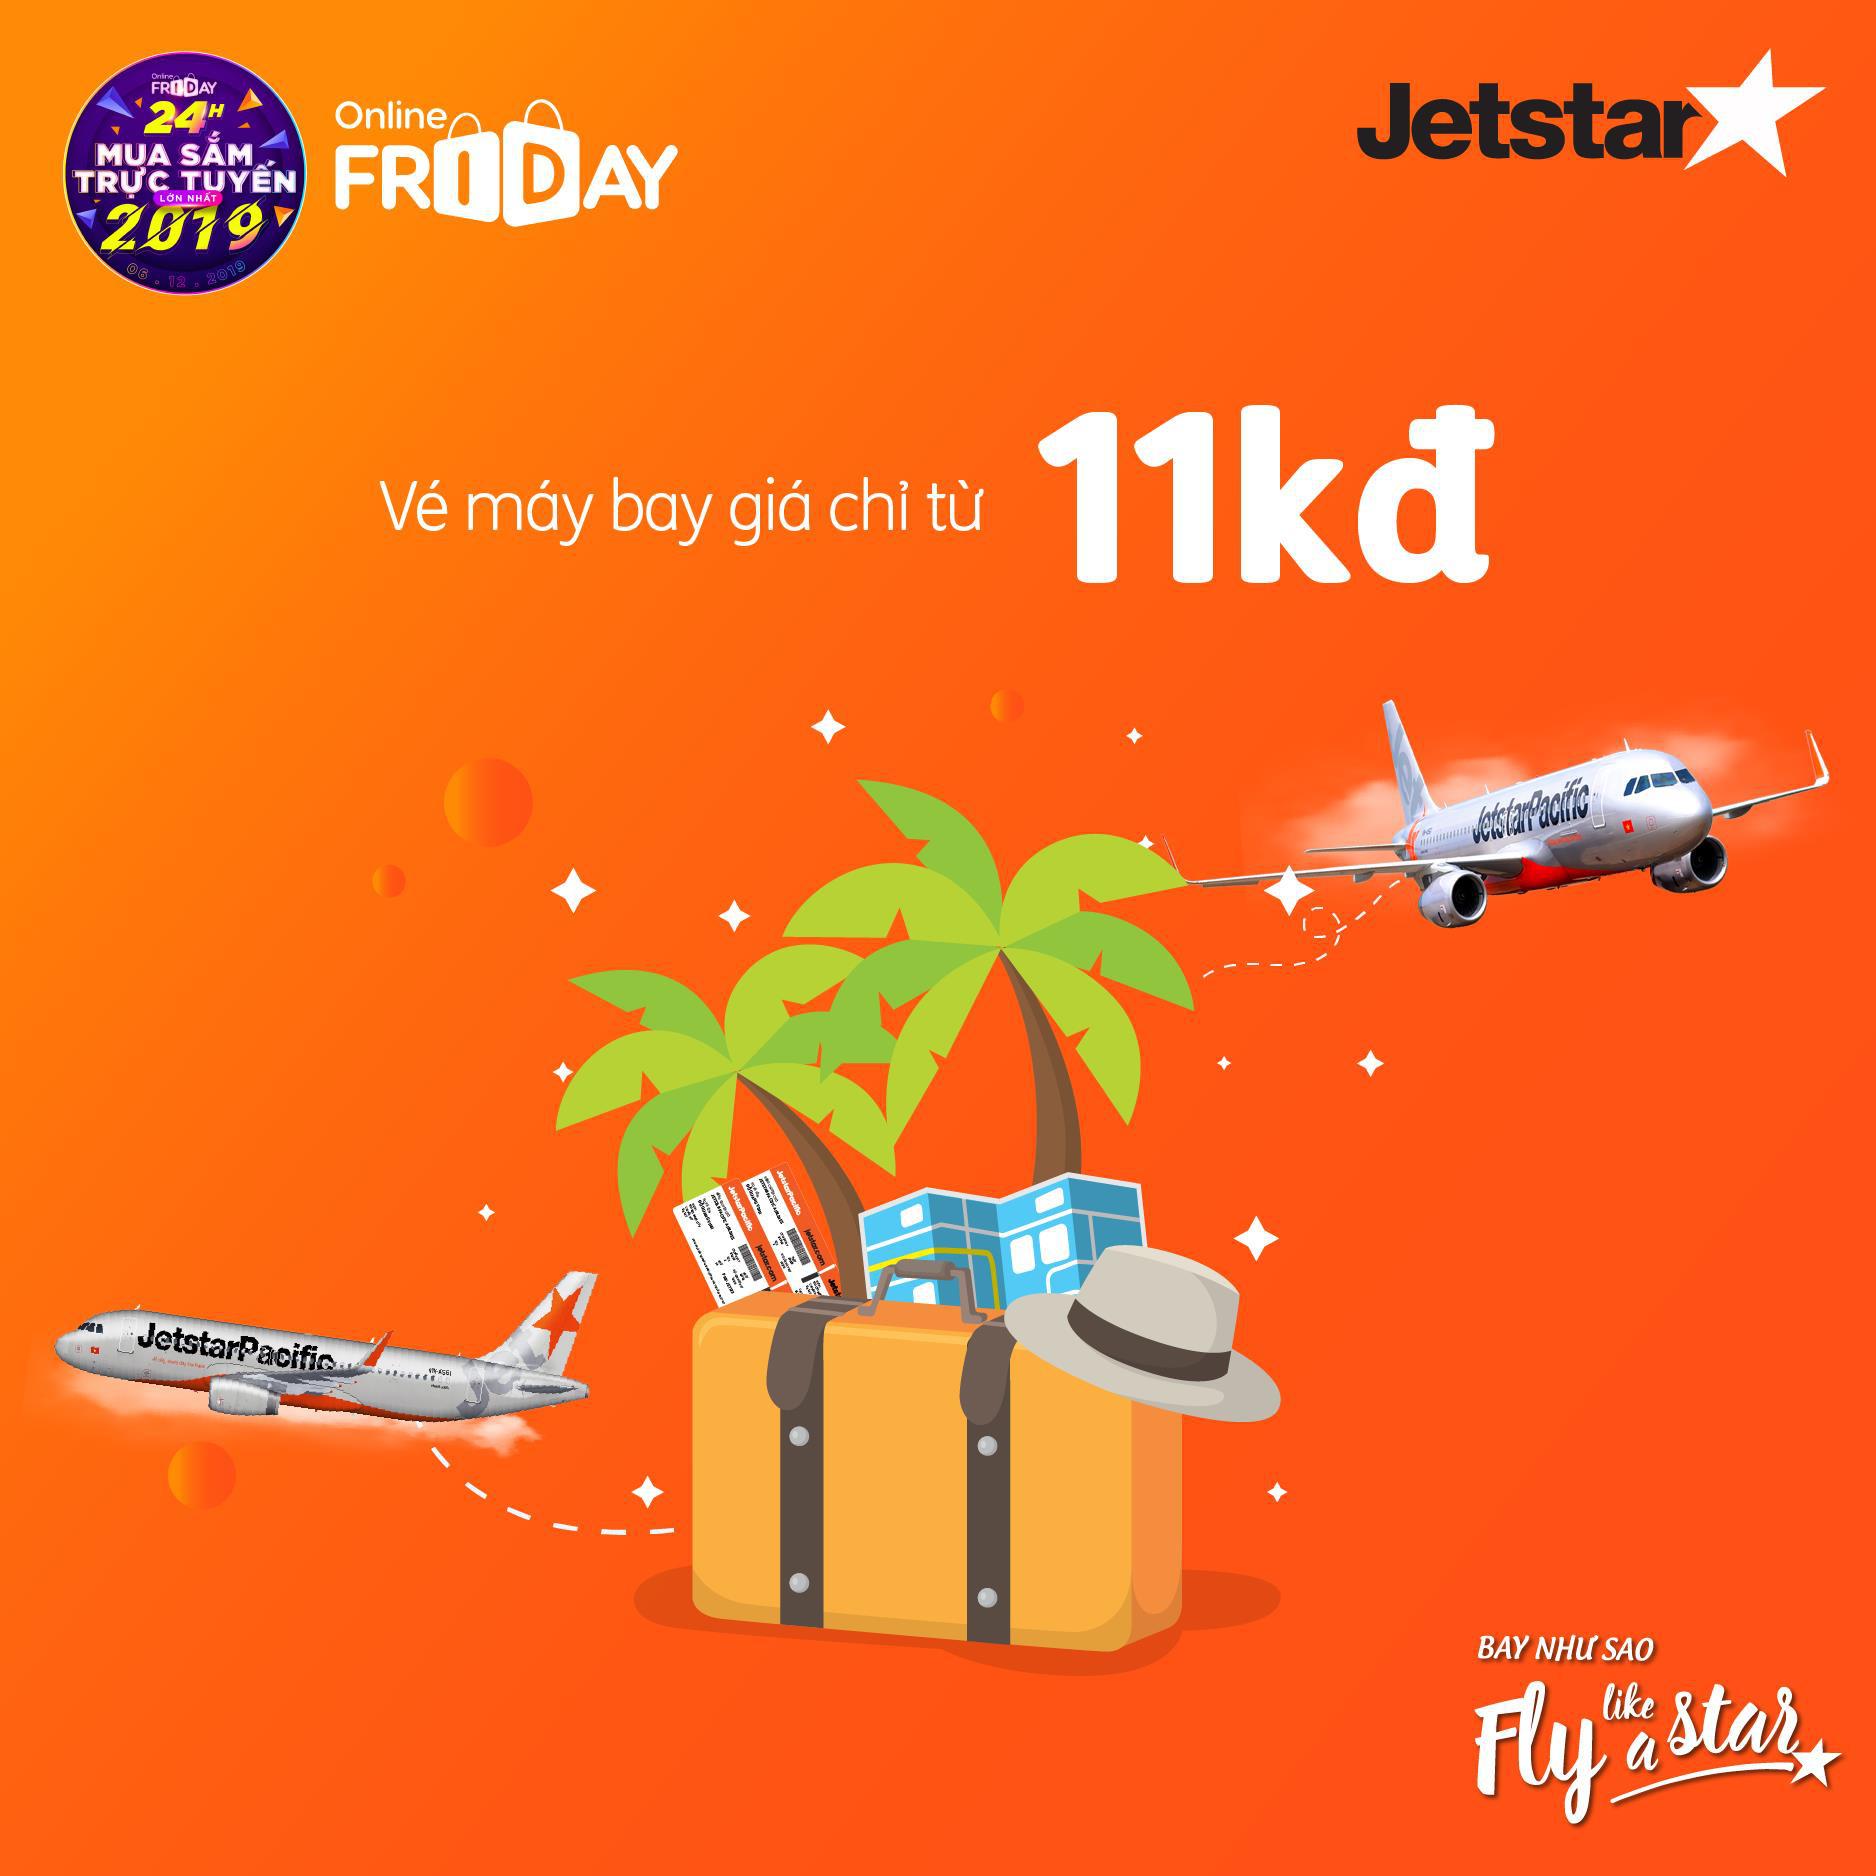 Sau Black Friday, Jetstar đại náo Online Friday với vé 11.000đ - Ảnh 1.